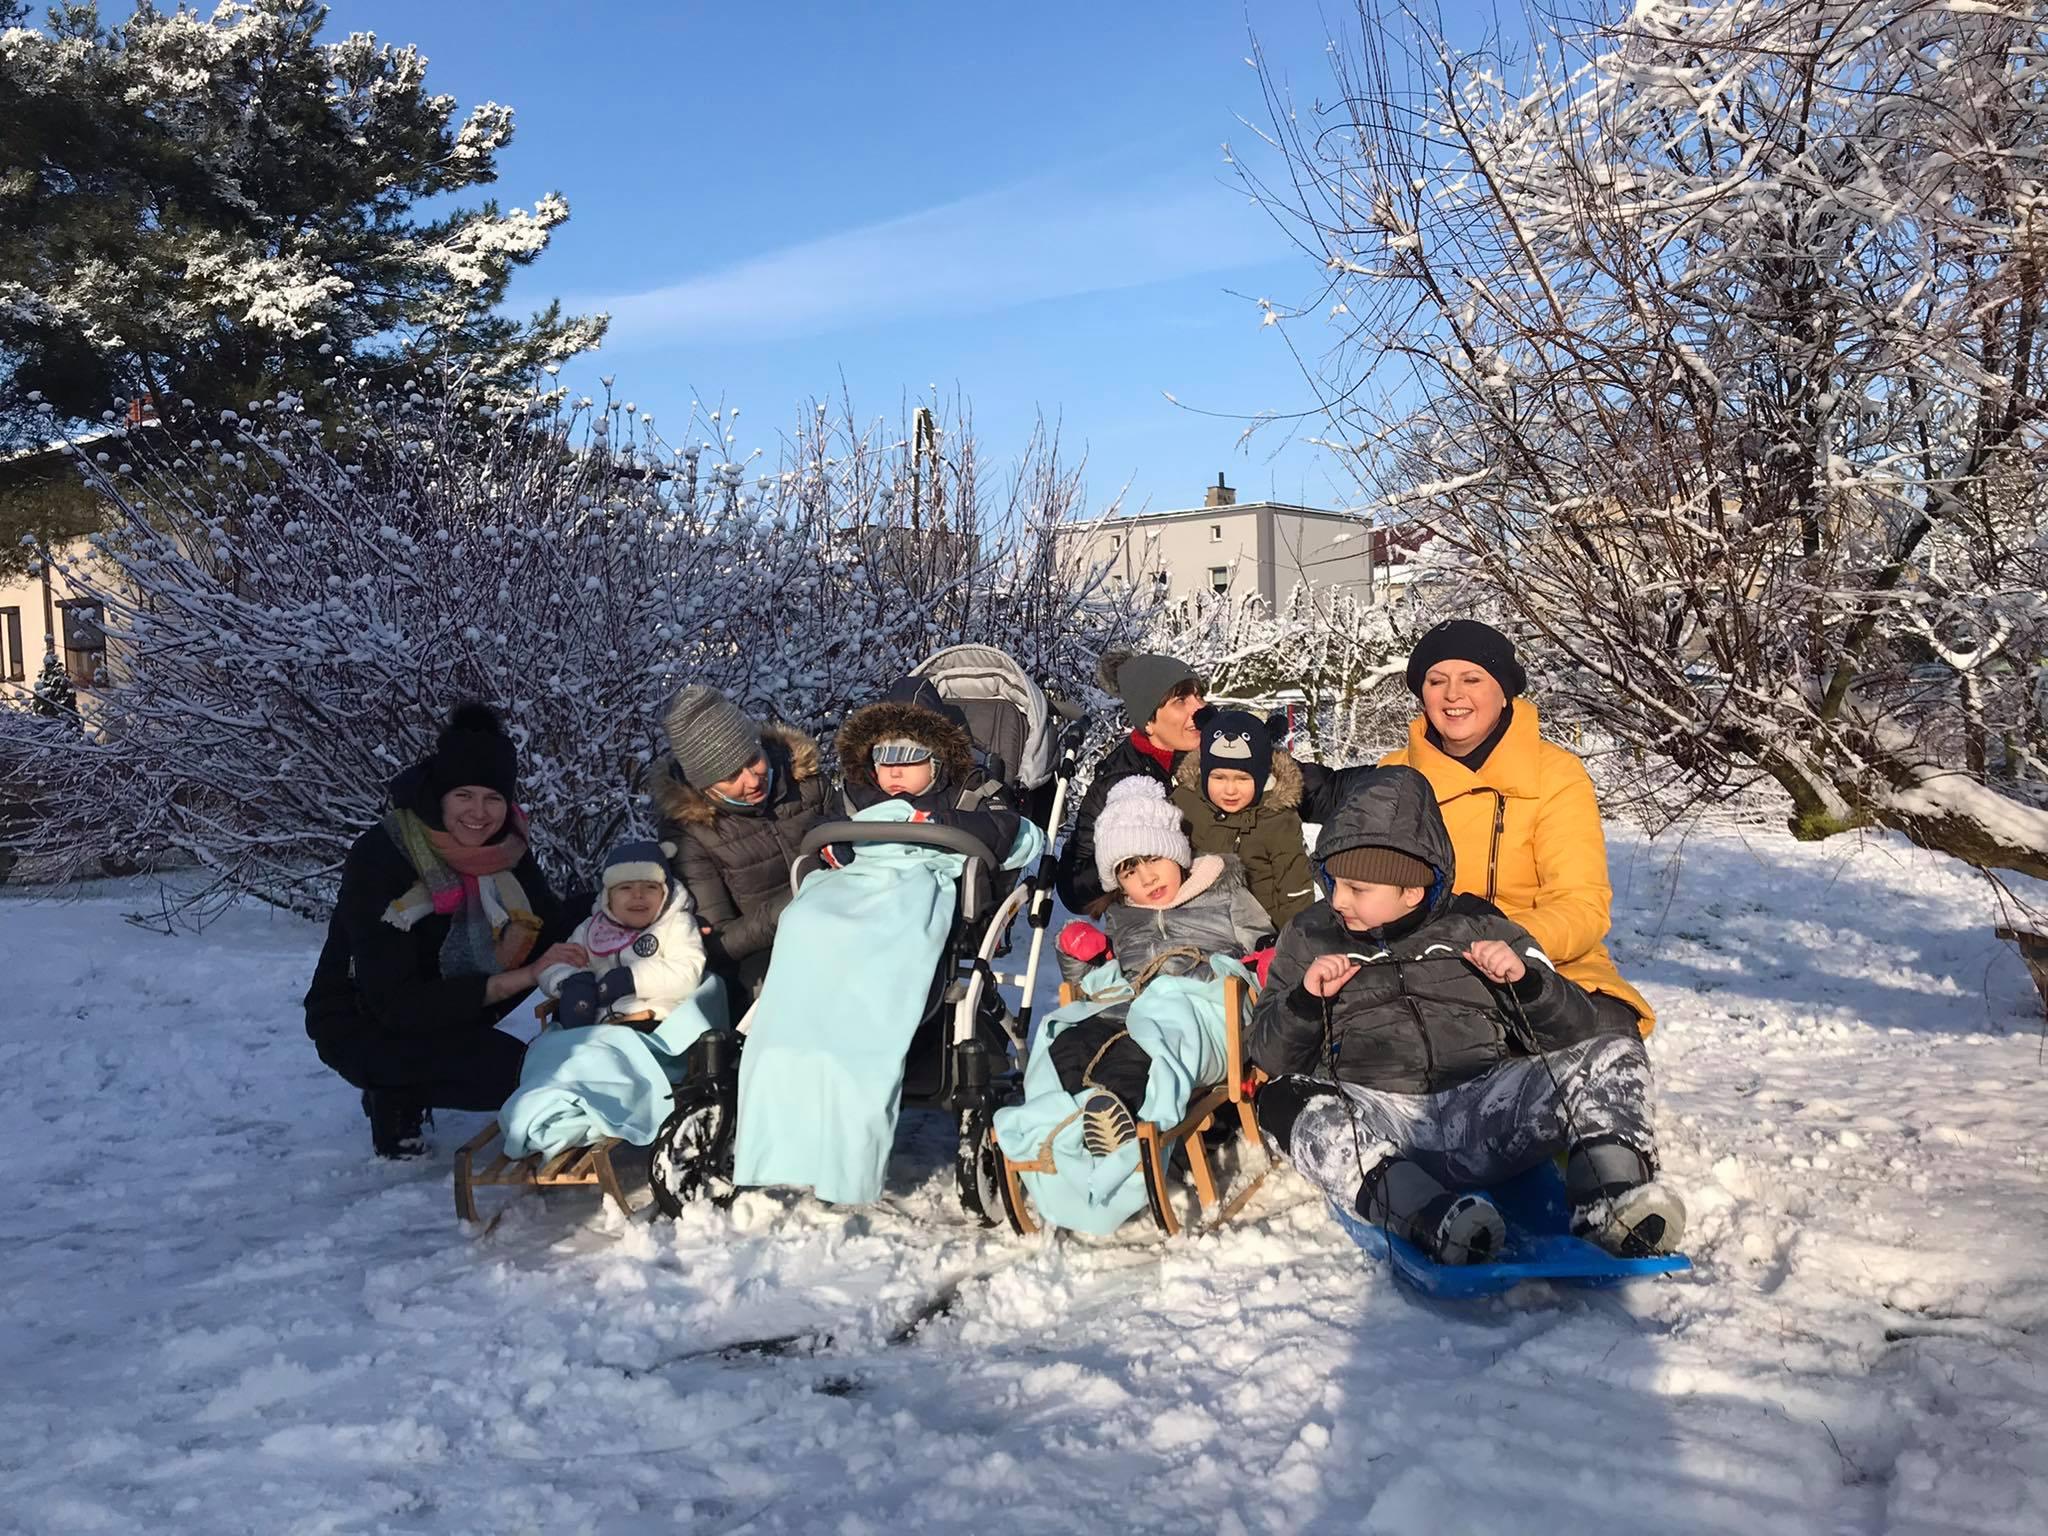 Grupa dzieci i Pań na dworze w krajobrazie zimowym. Kolkiro dzieci siedzi na sankach.